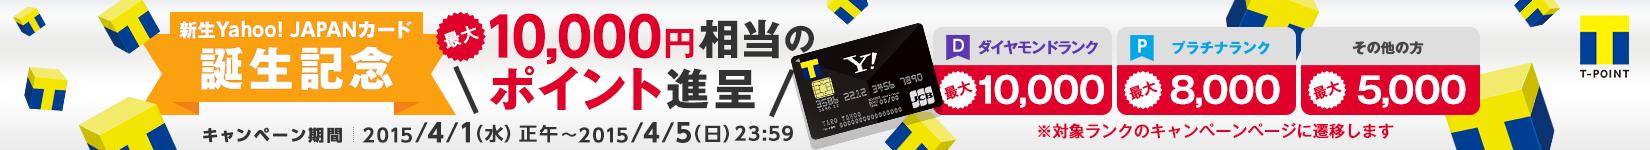 新生Yahoo! JAPANカード誕生記念